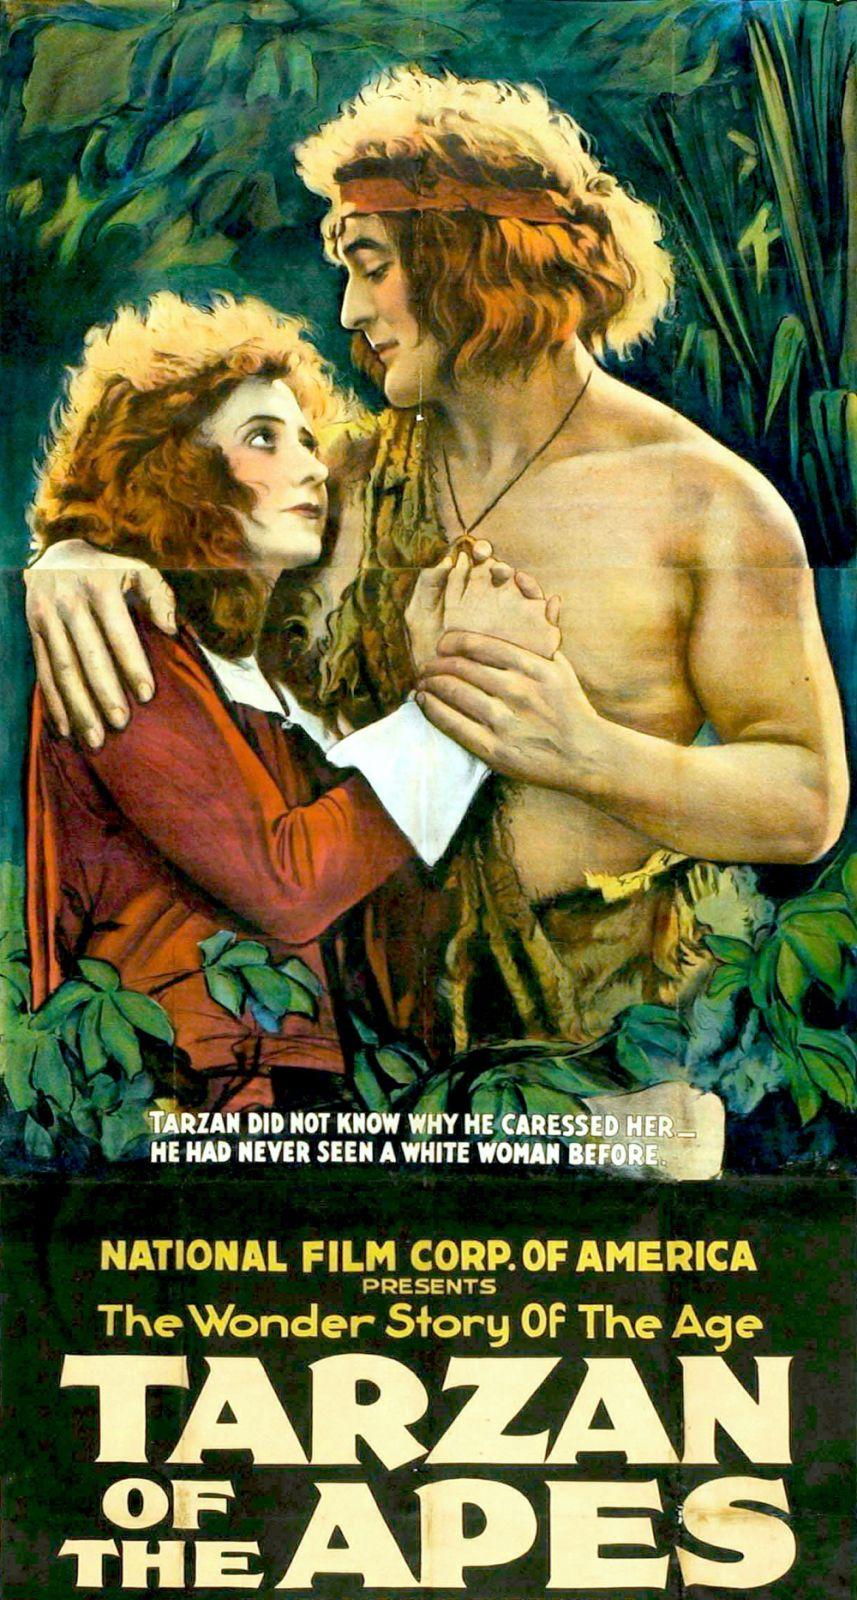 Первым образ Тарзана на большом экране воплотил Элмо Линкольн в немом фильме 1918 года «Тарзан, приёмыш обезьян».